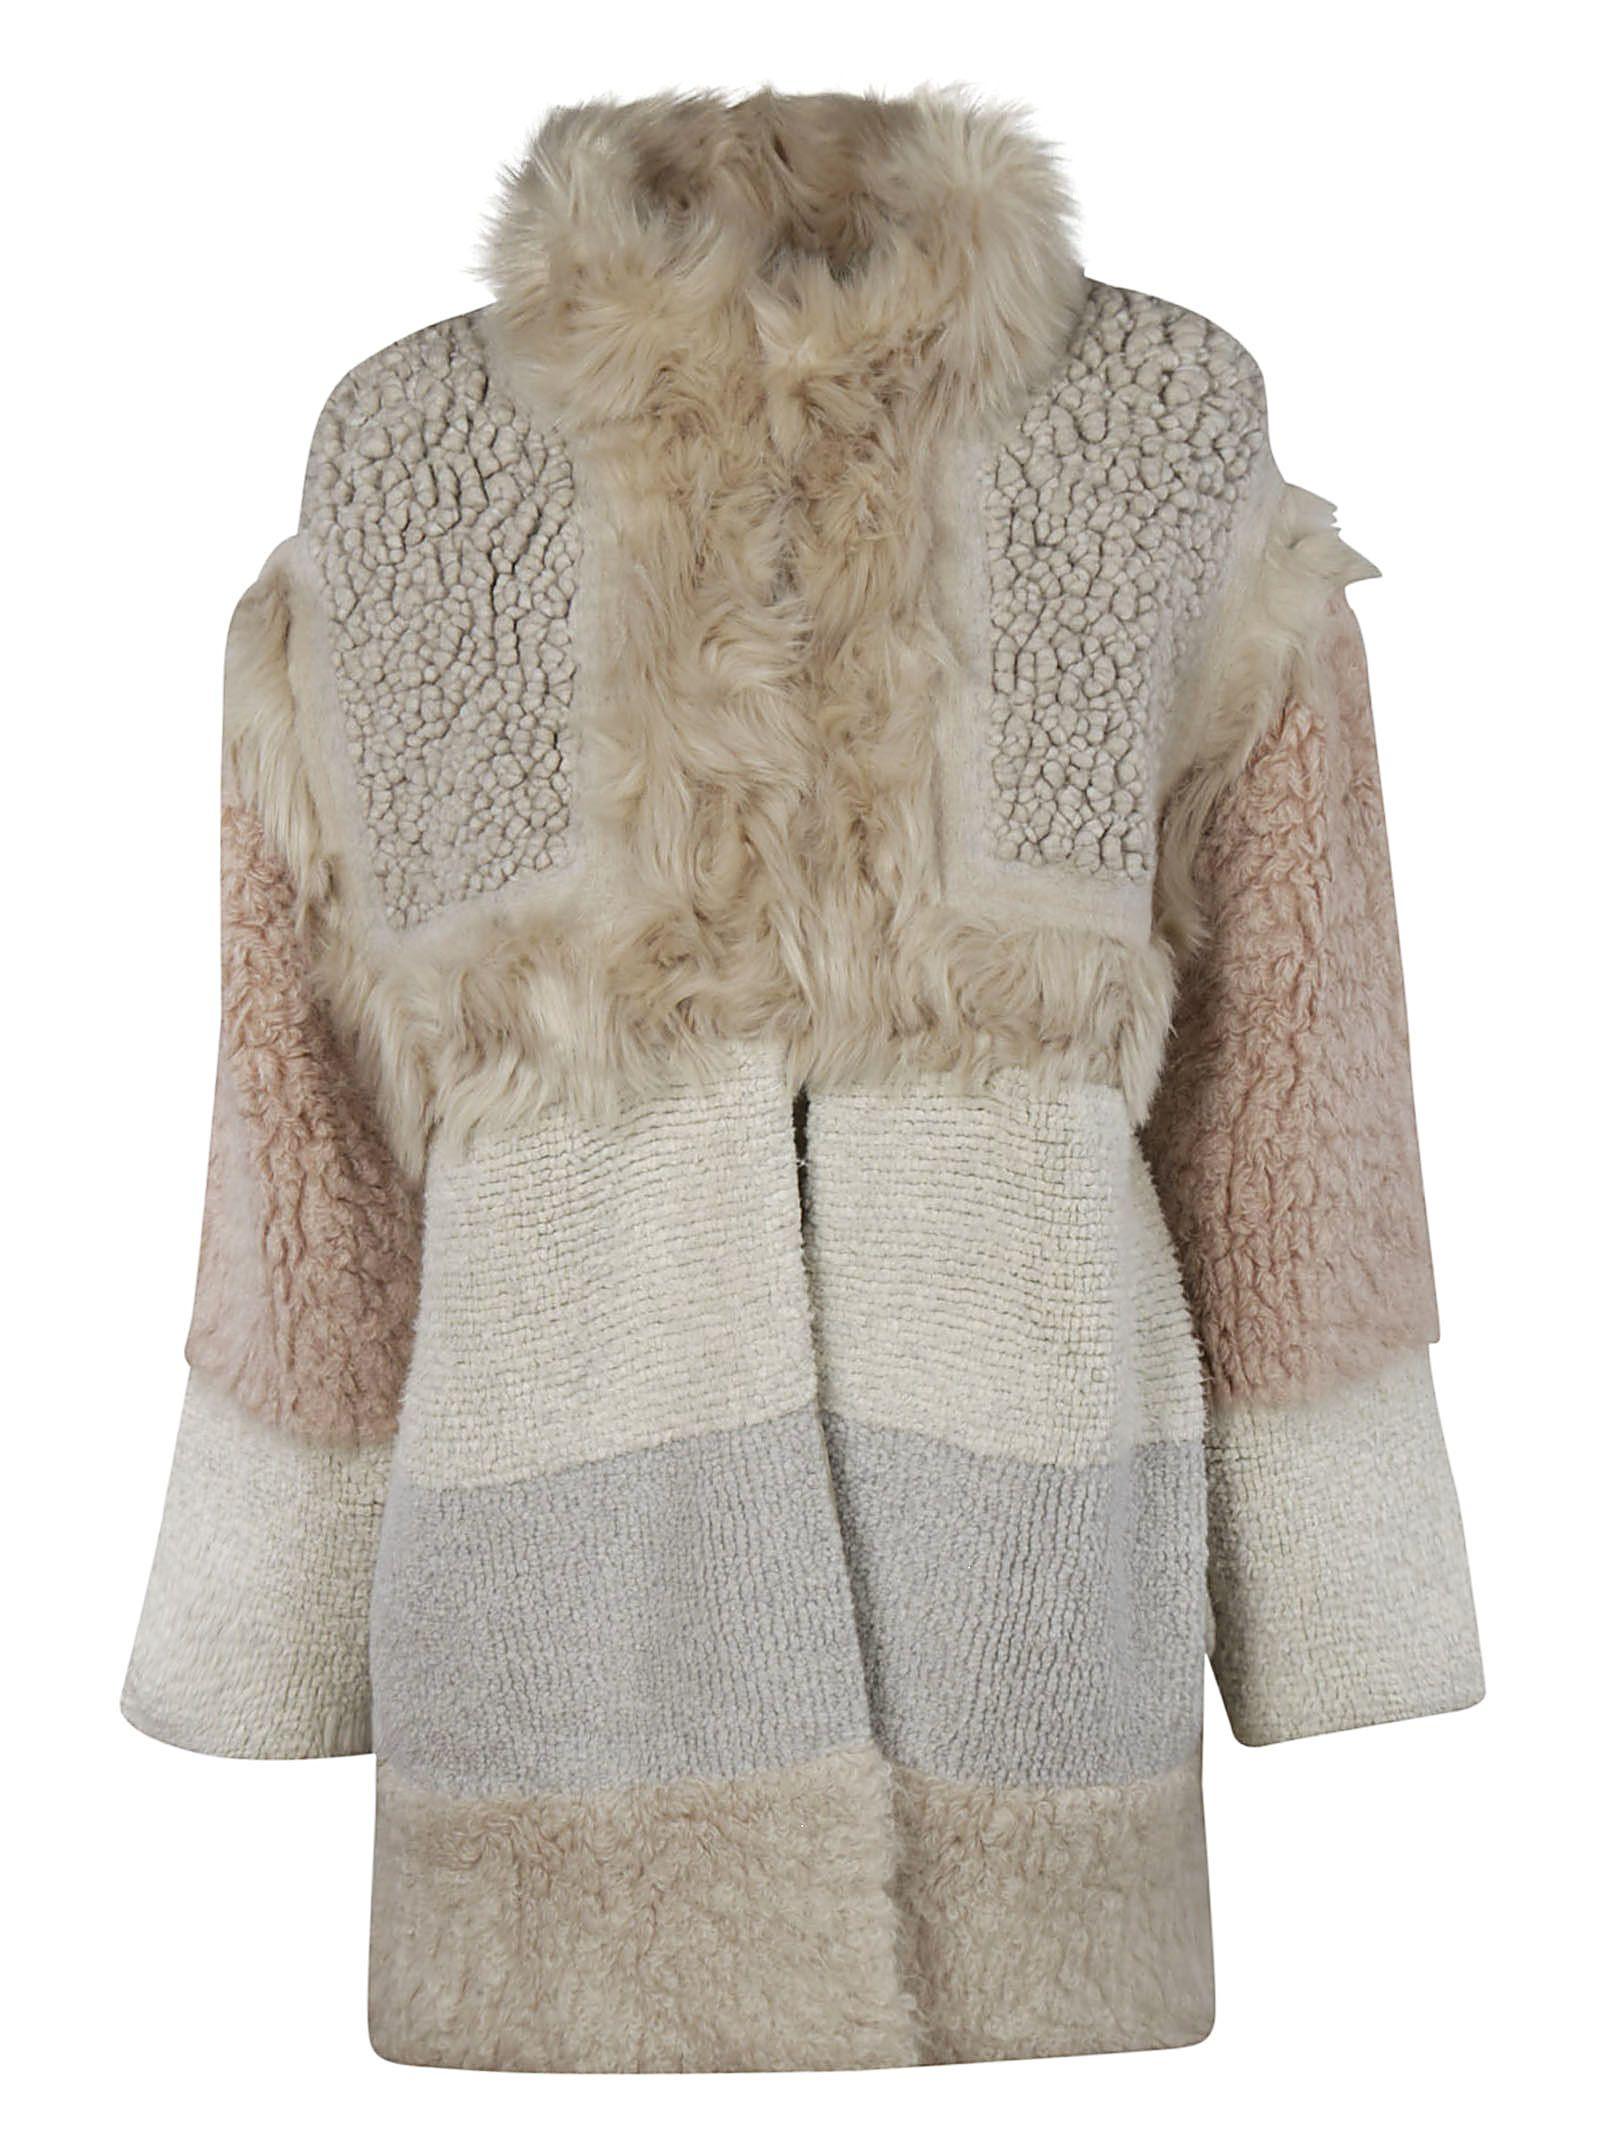 Colour-Block Shearling Coat, 8490.Bone/Camel